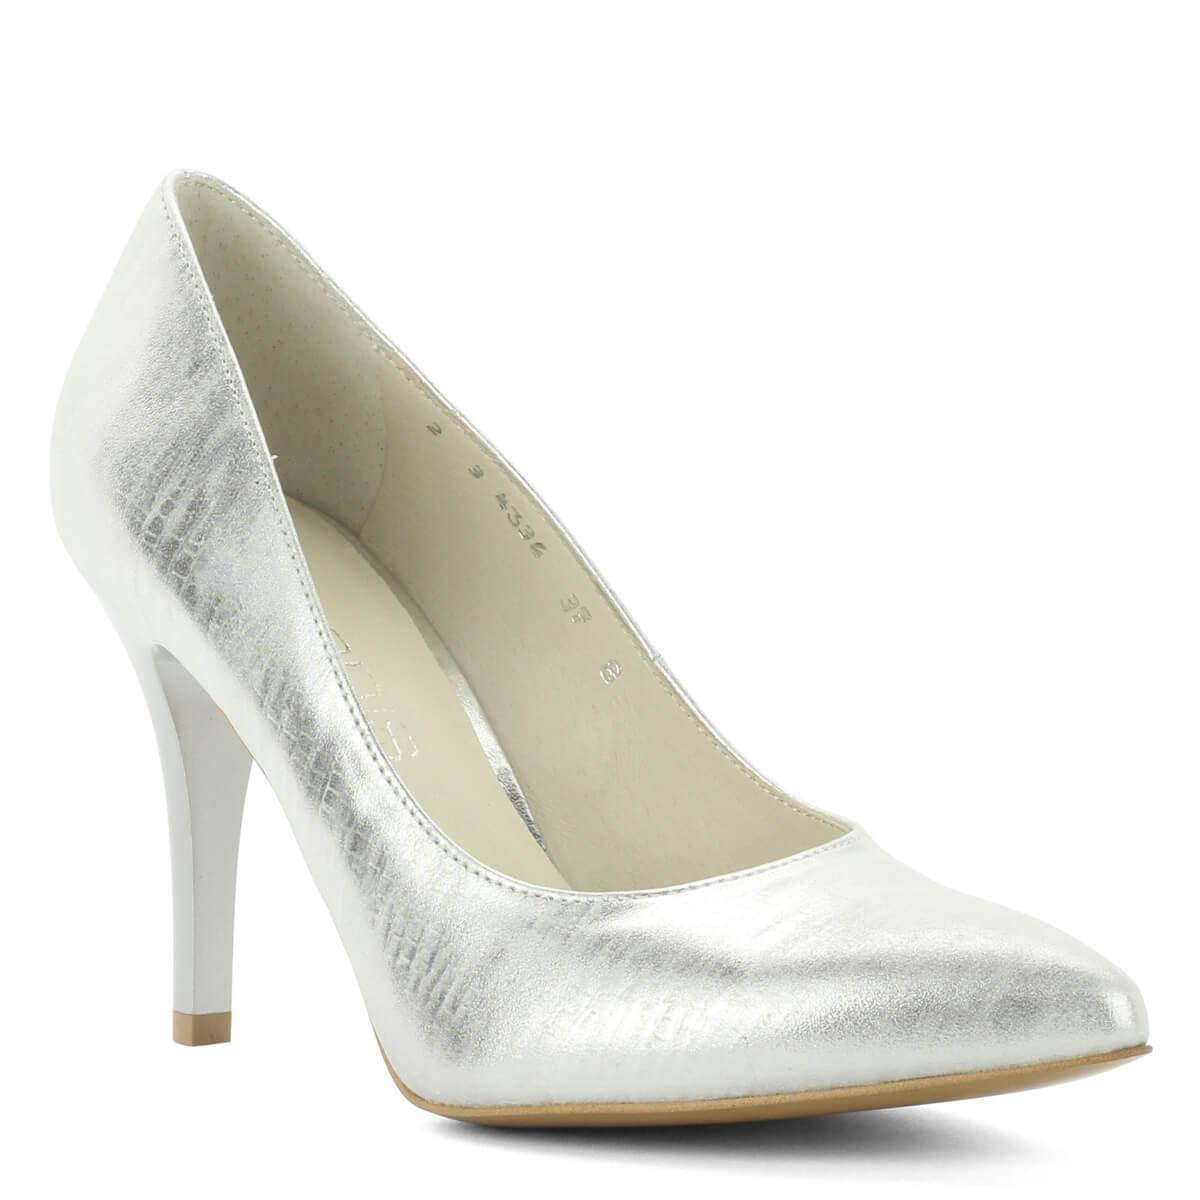 Ezüst Anis magas sarkú cipő mintás bőr felsőrésszel. Bélése bőrből készült, sarka 9 cm magas. Elegáns és jó sarokállású bőr cipő.